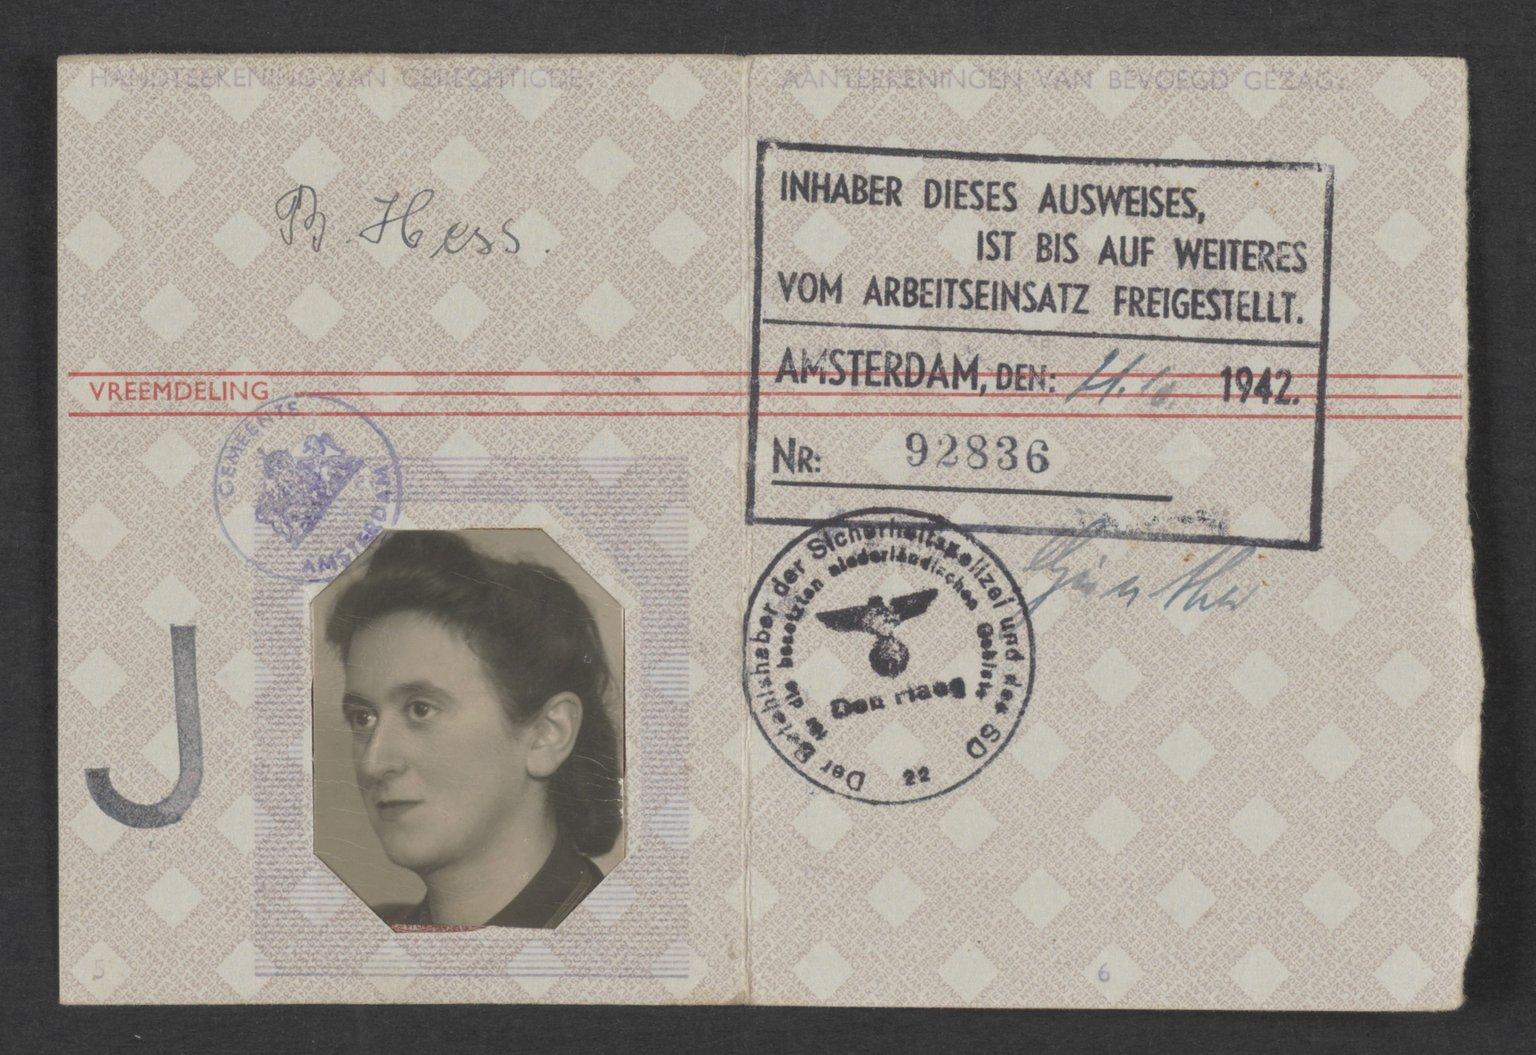 Identity card of Bertel Hess (niece of Hermann van Pels), issued in Amsterdam on 21/10/1942.